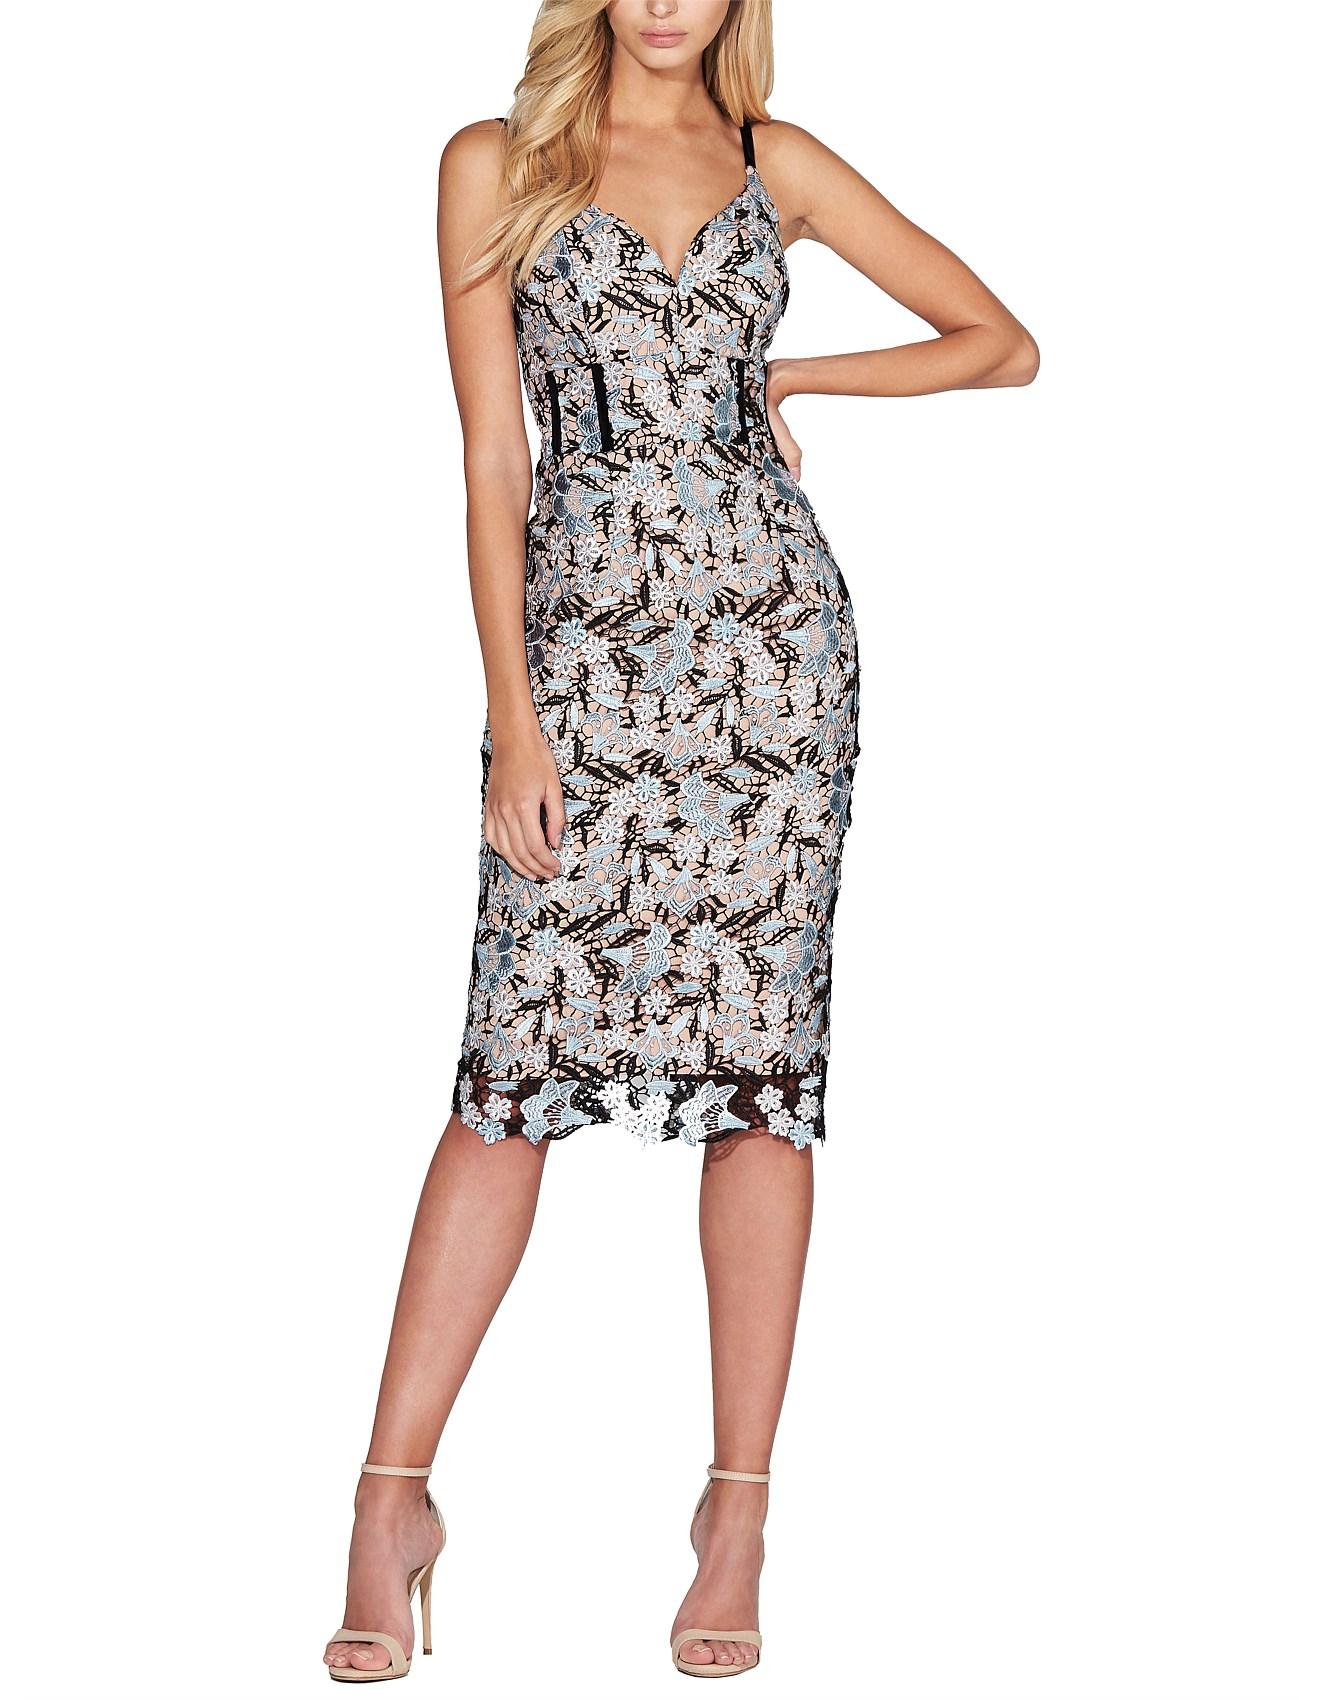 b466b9555ac8 Tiffany Lace Dress